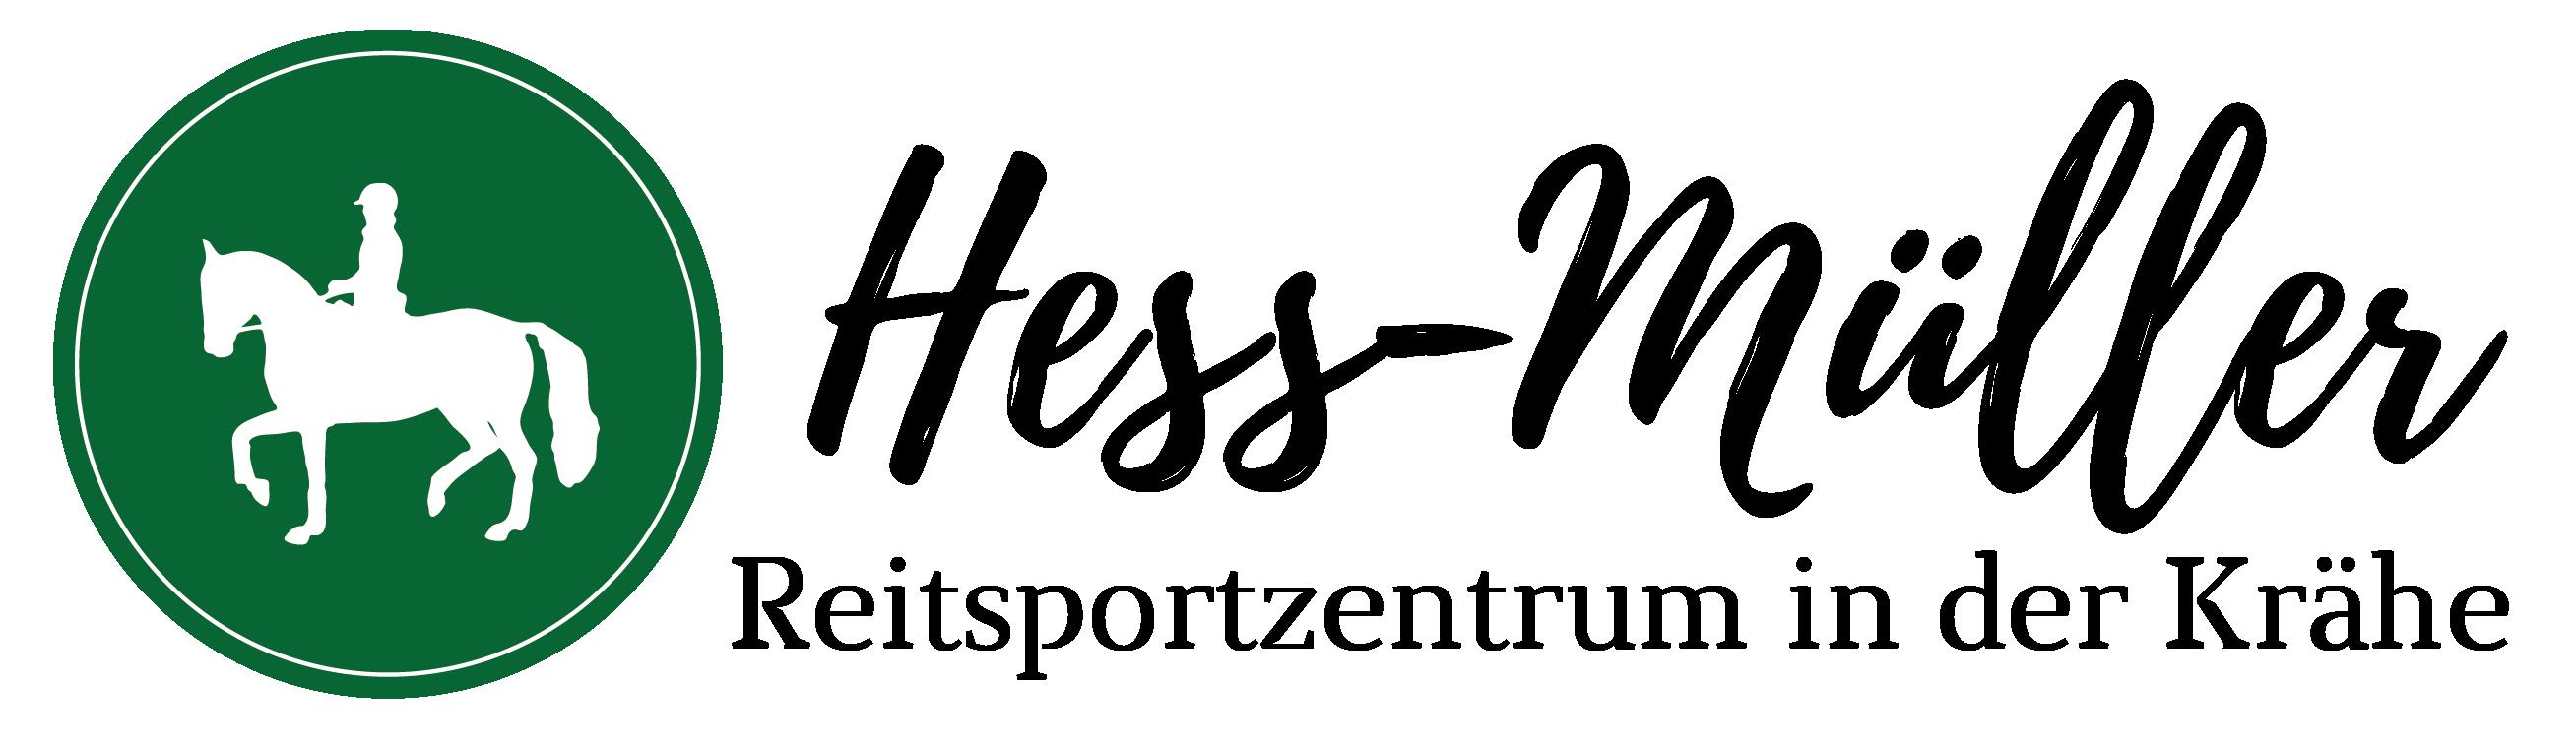 Hess-Müller